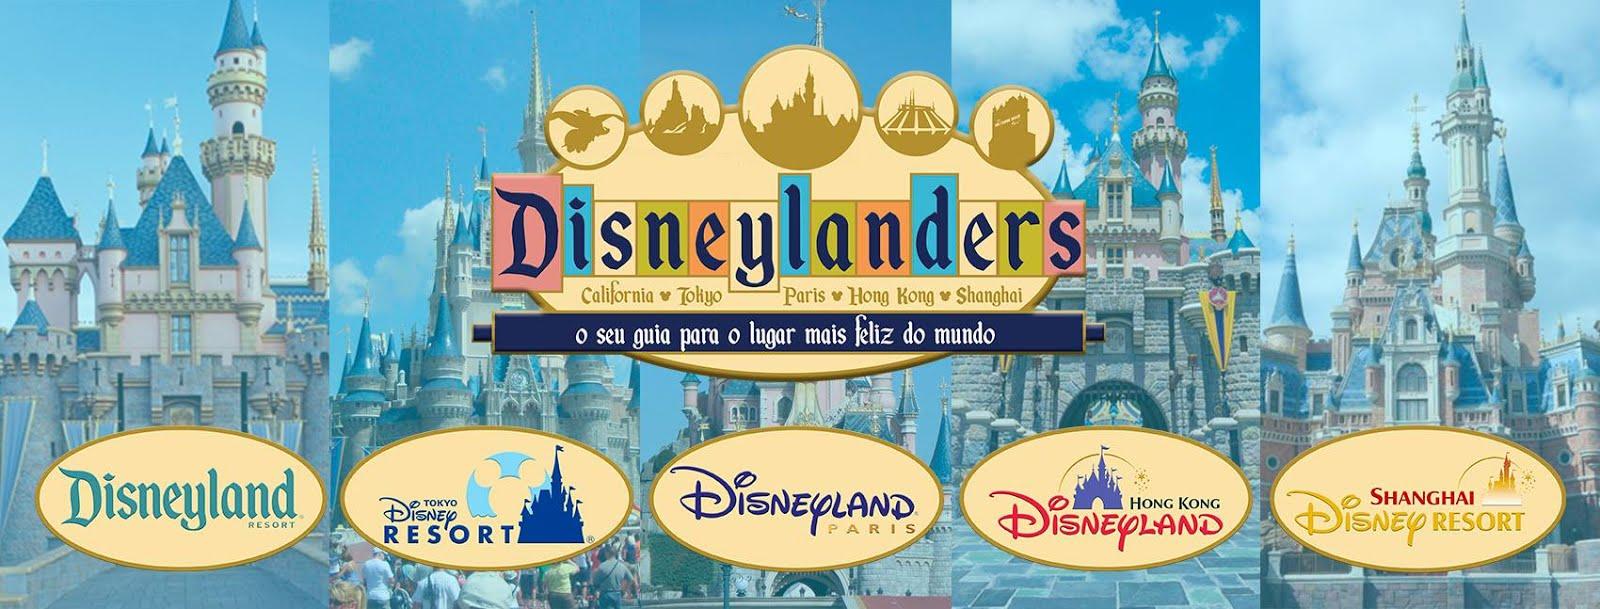 Aqui estão representadas todas as Disney's